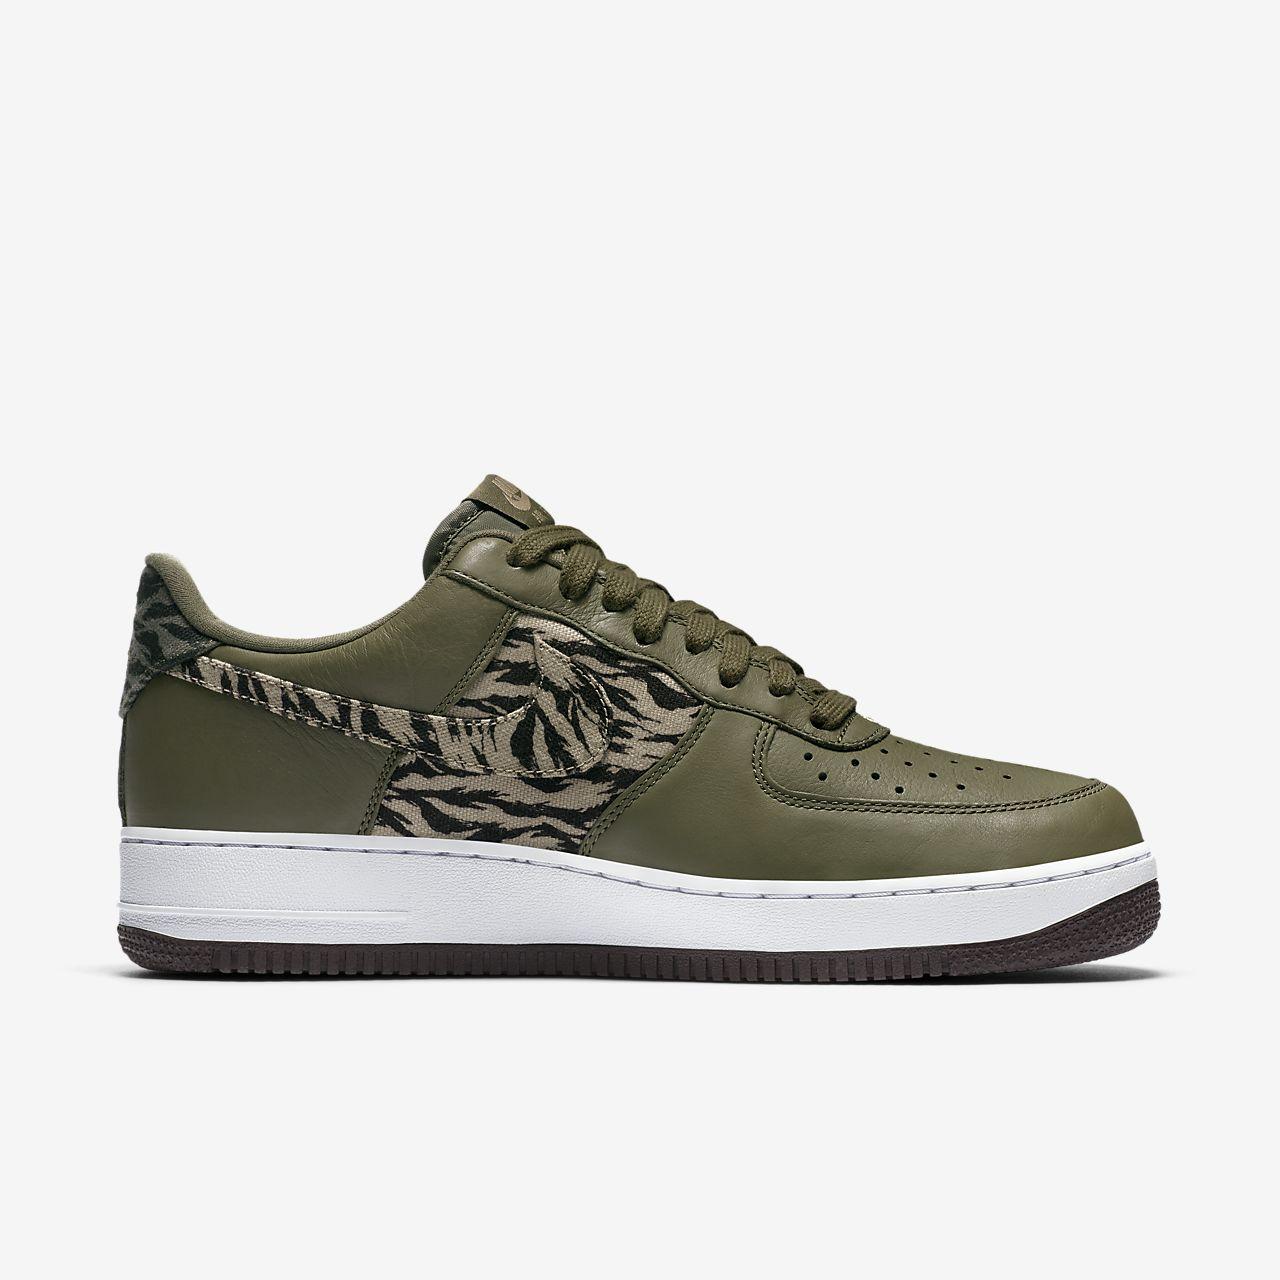 Gris Chaussures Nike Air Force En Taille 45 Hommes TwVLeud